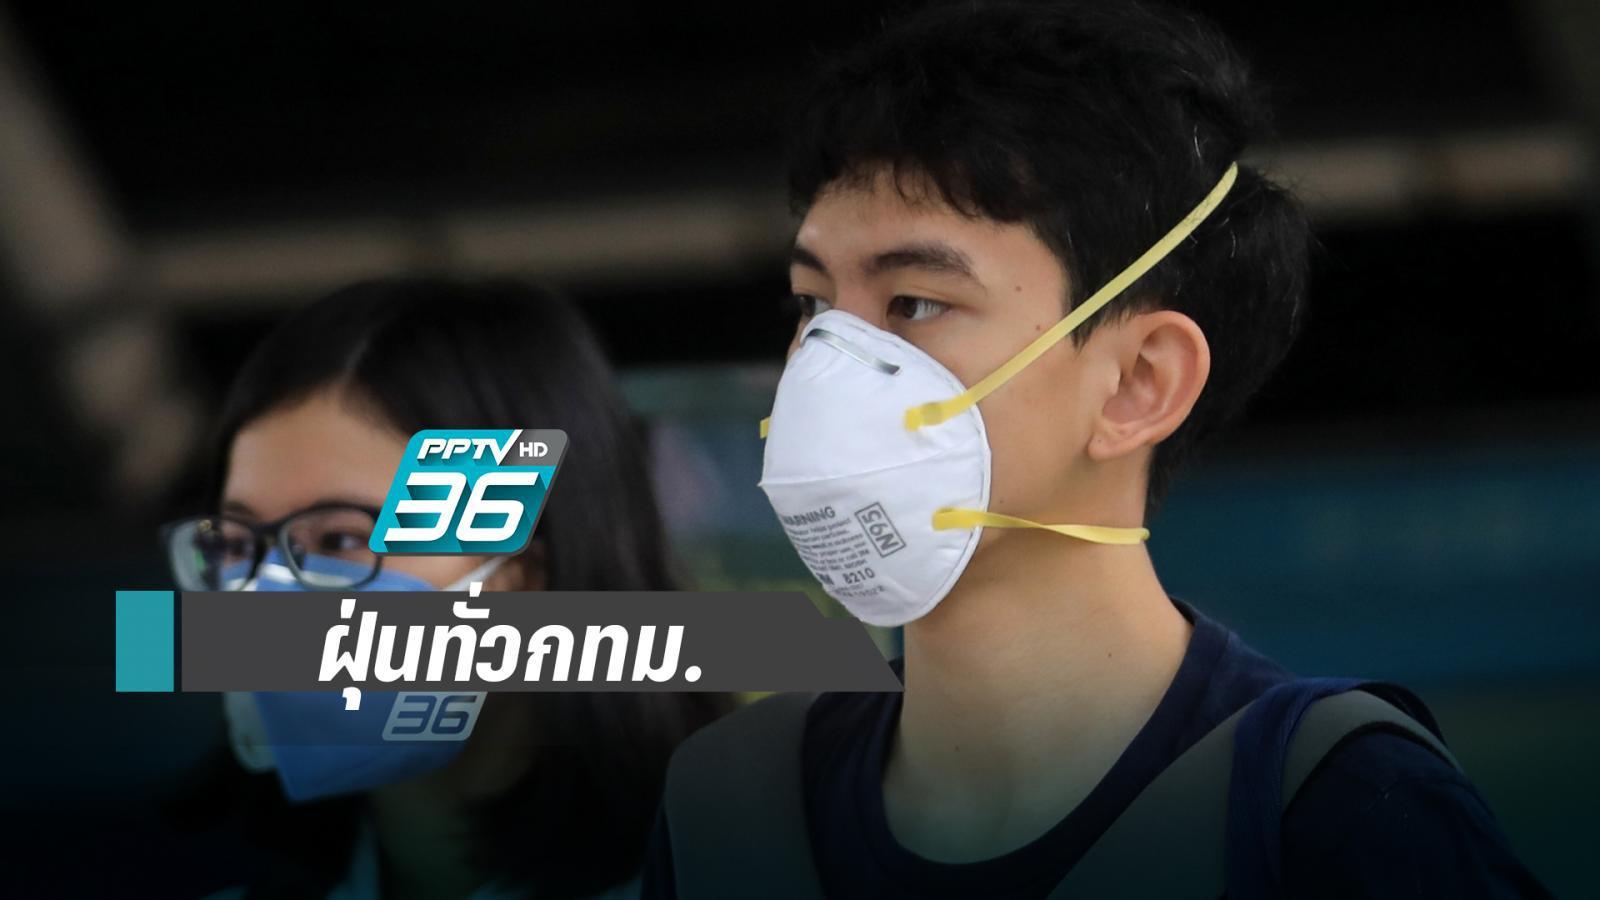 ค่าฝุ่น PM 2.5 วันนี้ หนัก! เกินมาตรฐานเริ่มมีผลต่อสุขภาพ 50 พื้นที่